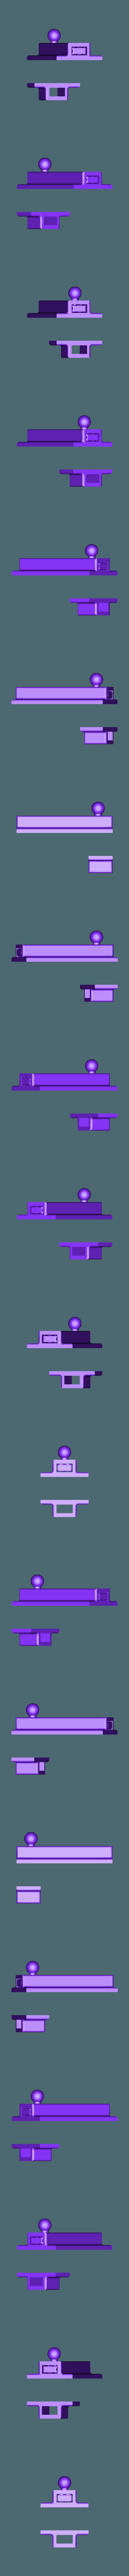 Assembled_sliding_door_bolt_improved_clearance_no_support.stl Télécharger fichier STL gratuit Verrou de porte coulissante Impression entièrement assemblée • Design à imprimer en 3D, Sagittario